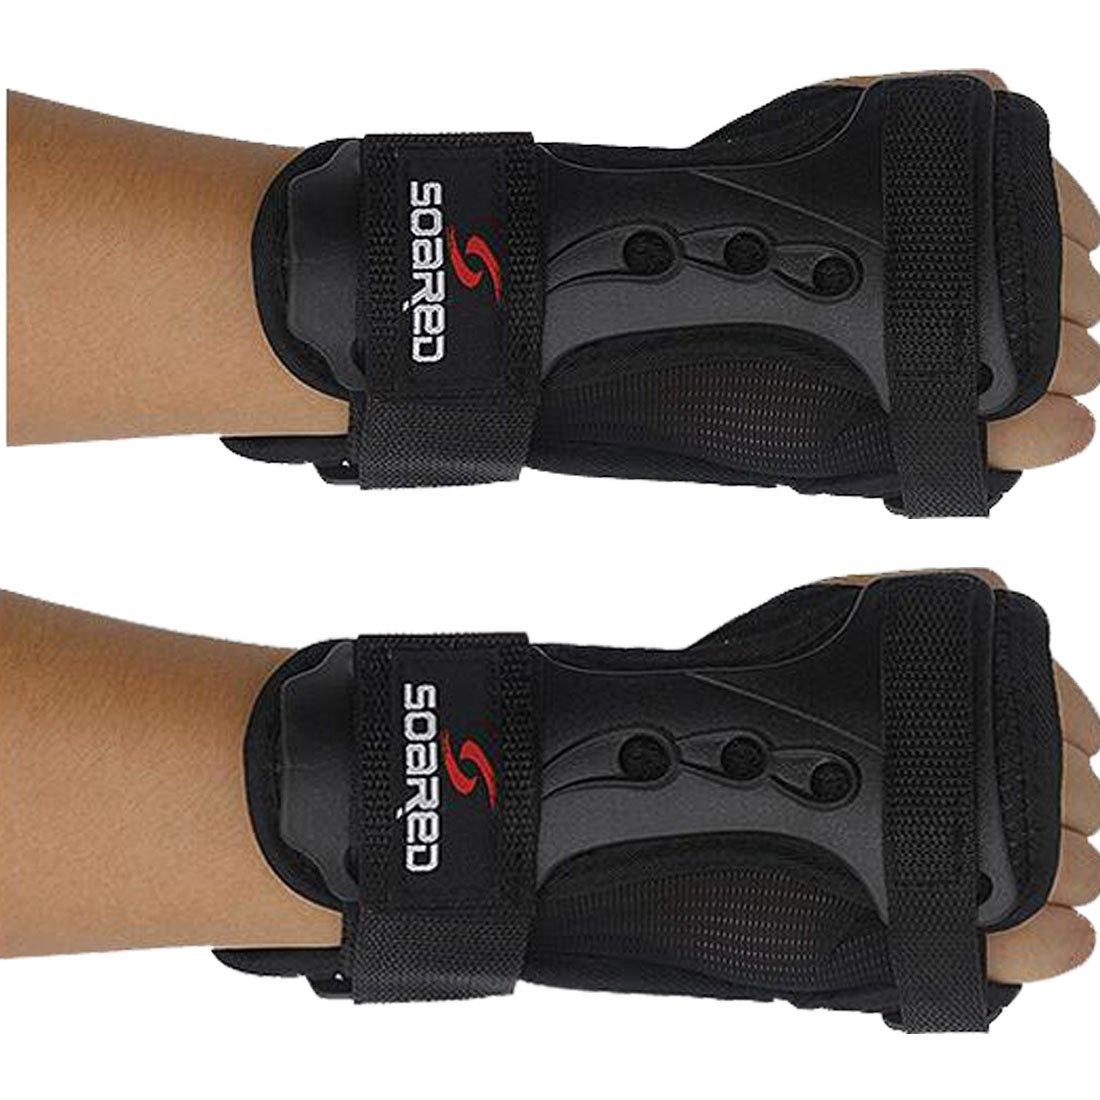 Glield Unisex Ski Snowboard Protektoren Handschuh Handgelenk Unterstützung-1 Paar HXHS01